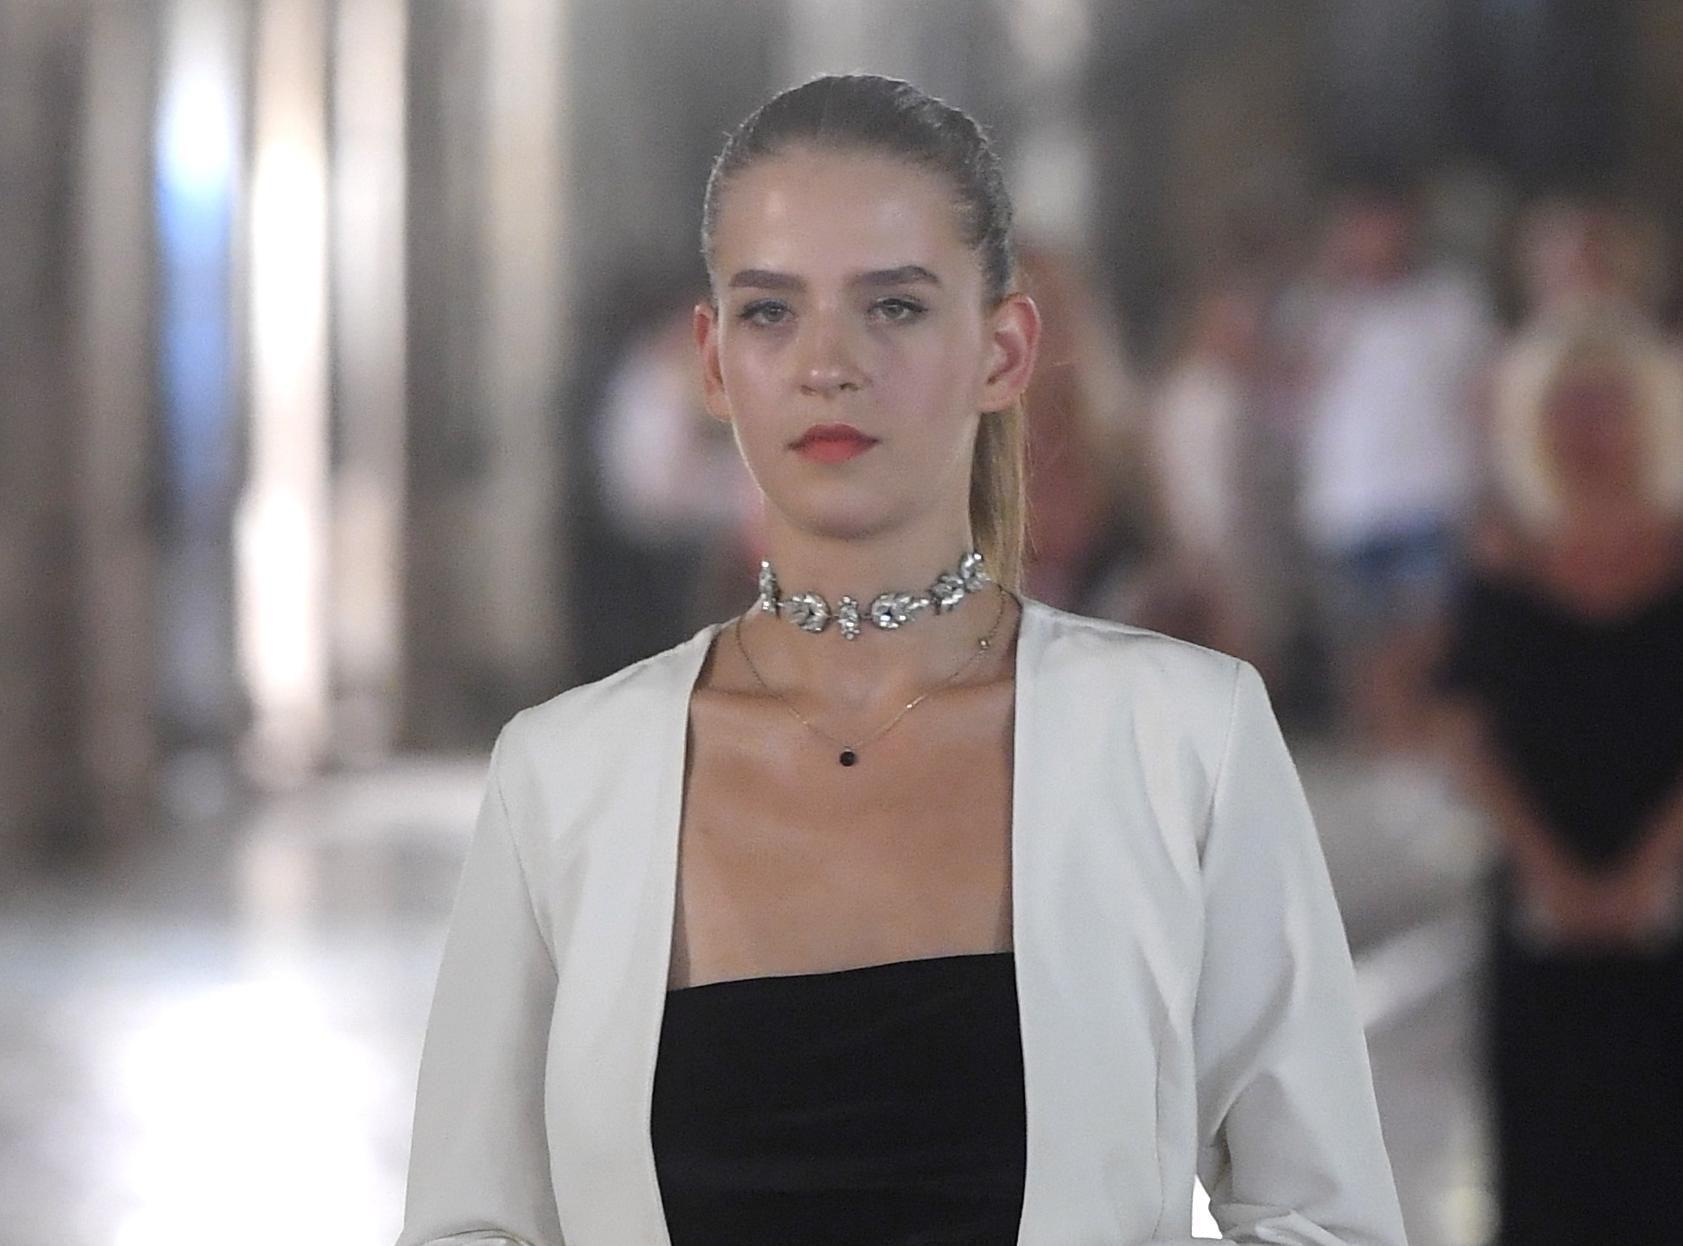 Kako izgledati elegantno u minijaturnoj crnoj haljini? Pa, ova dama to sigurno zna!